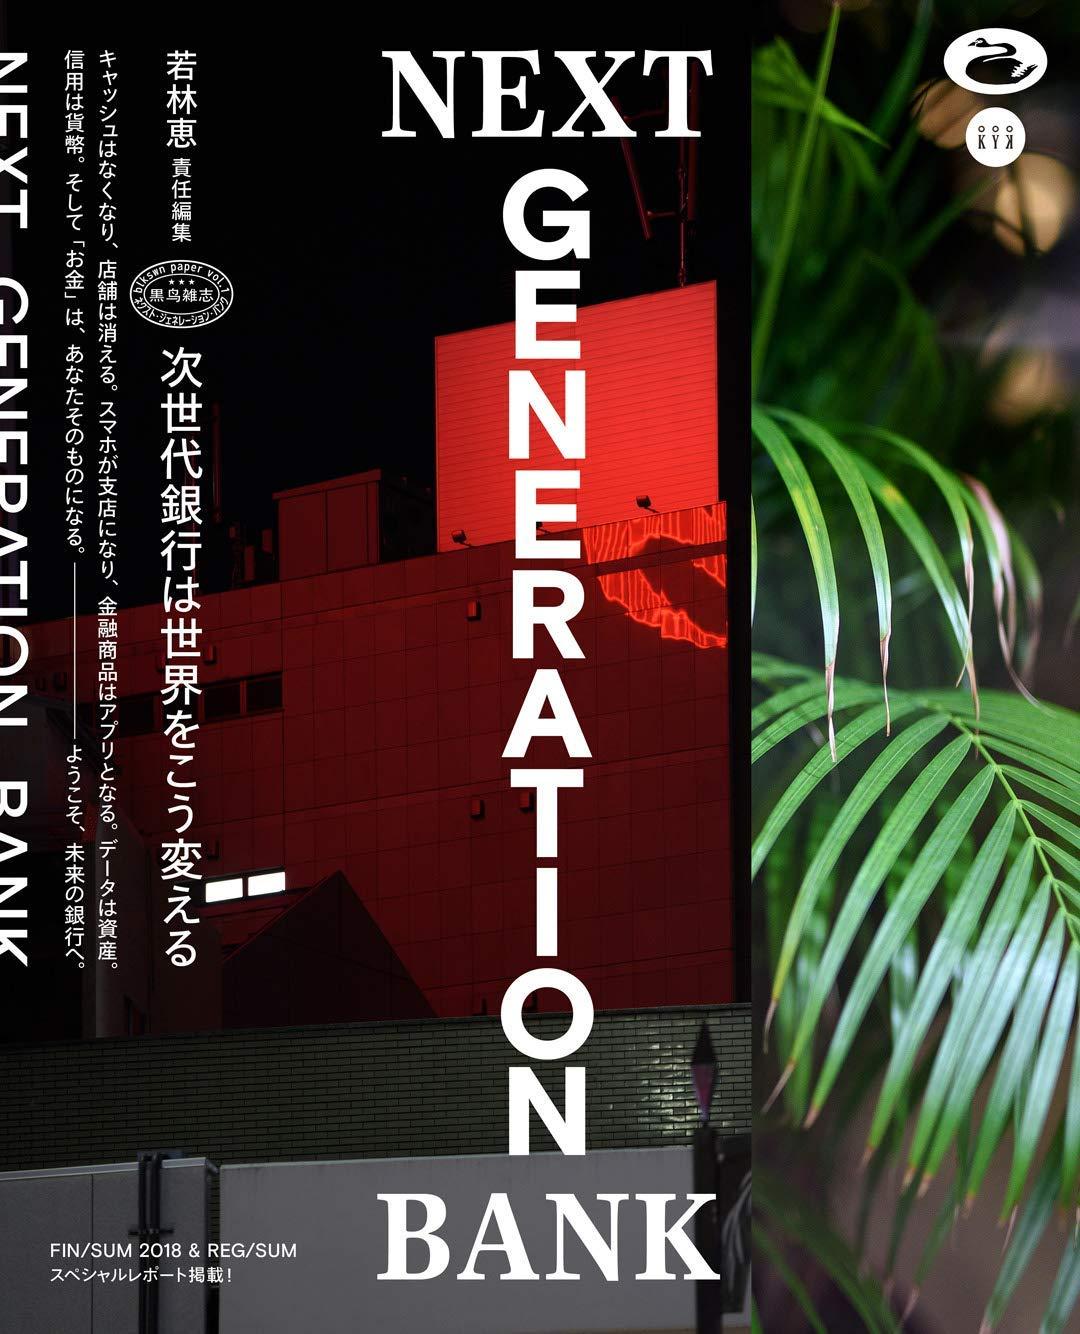 若林恵(2018)『NEXT GENERATION BANK 次世代銀行は世界をこう変える』日本経済新聞出版